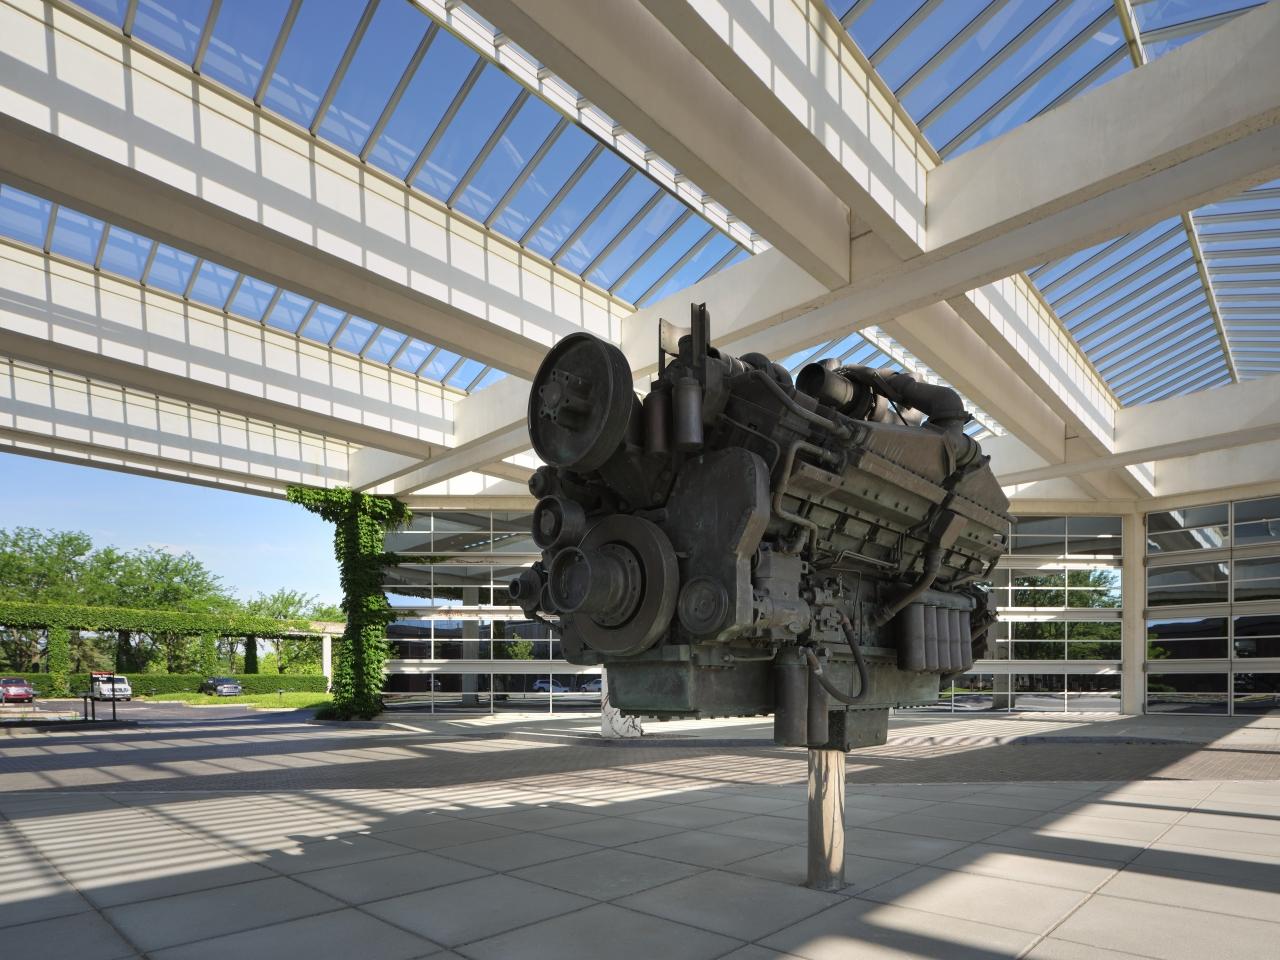 old engine block on display